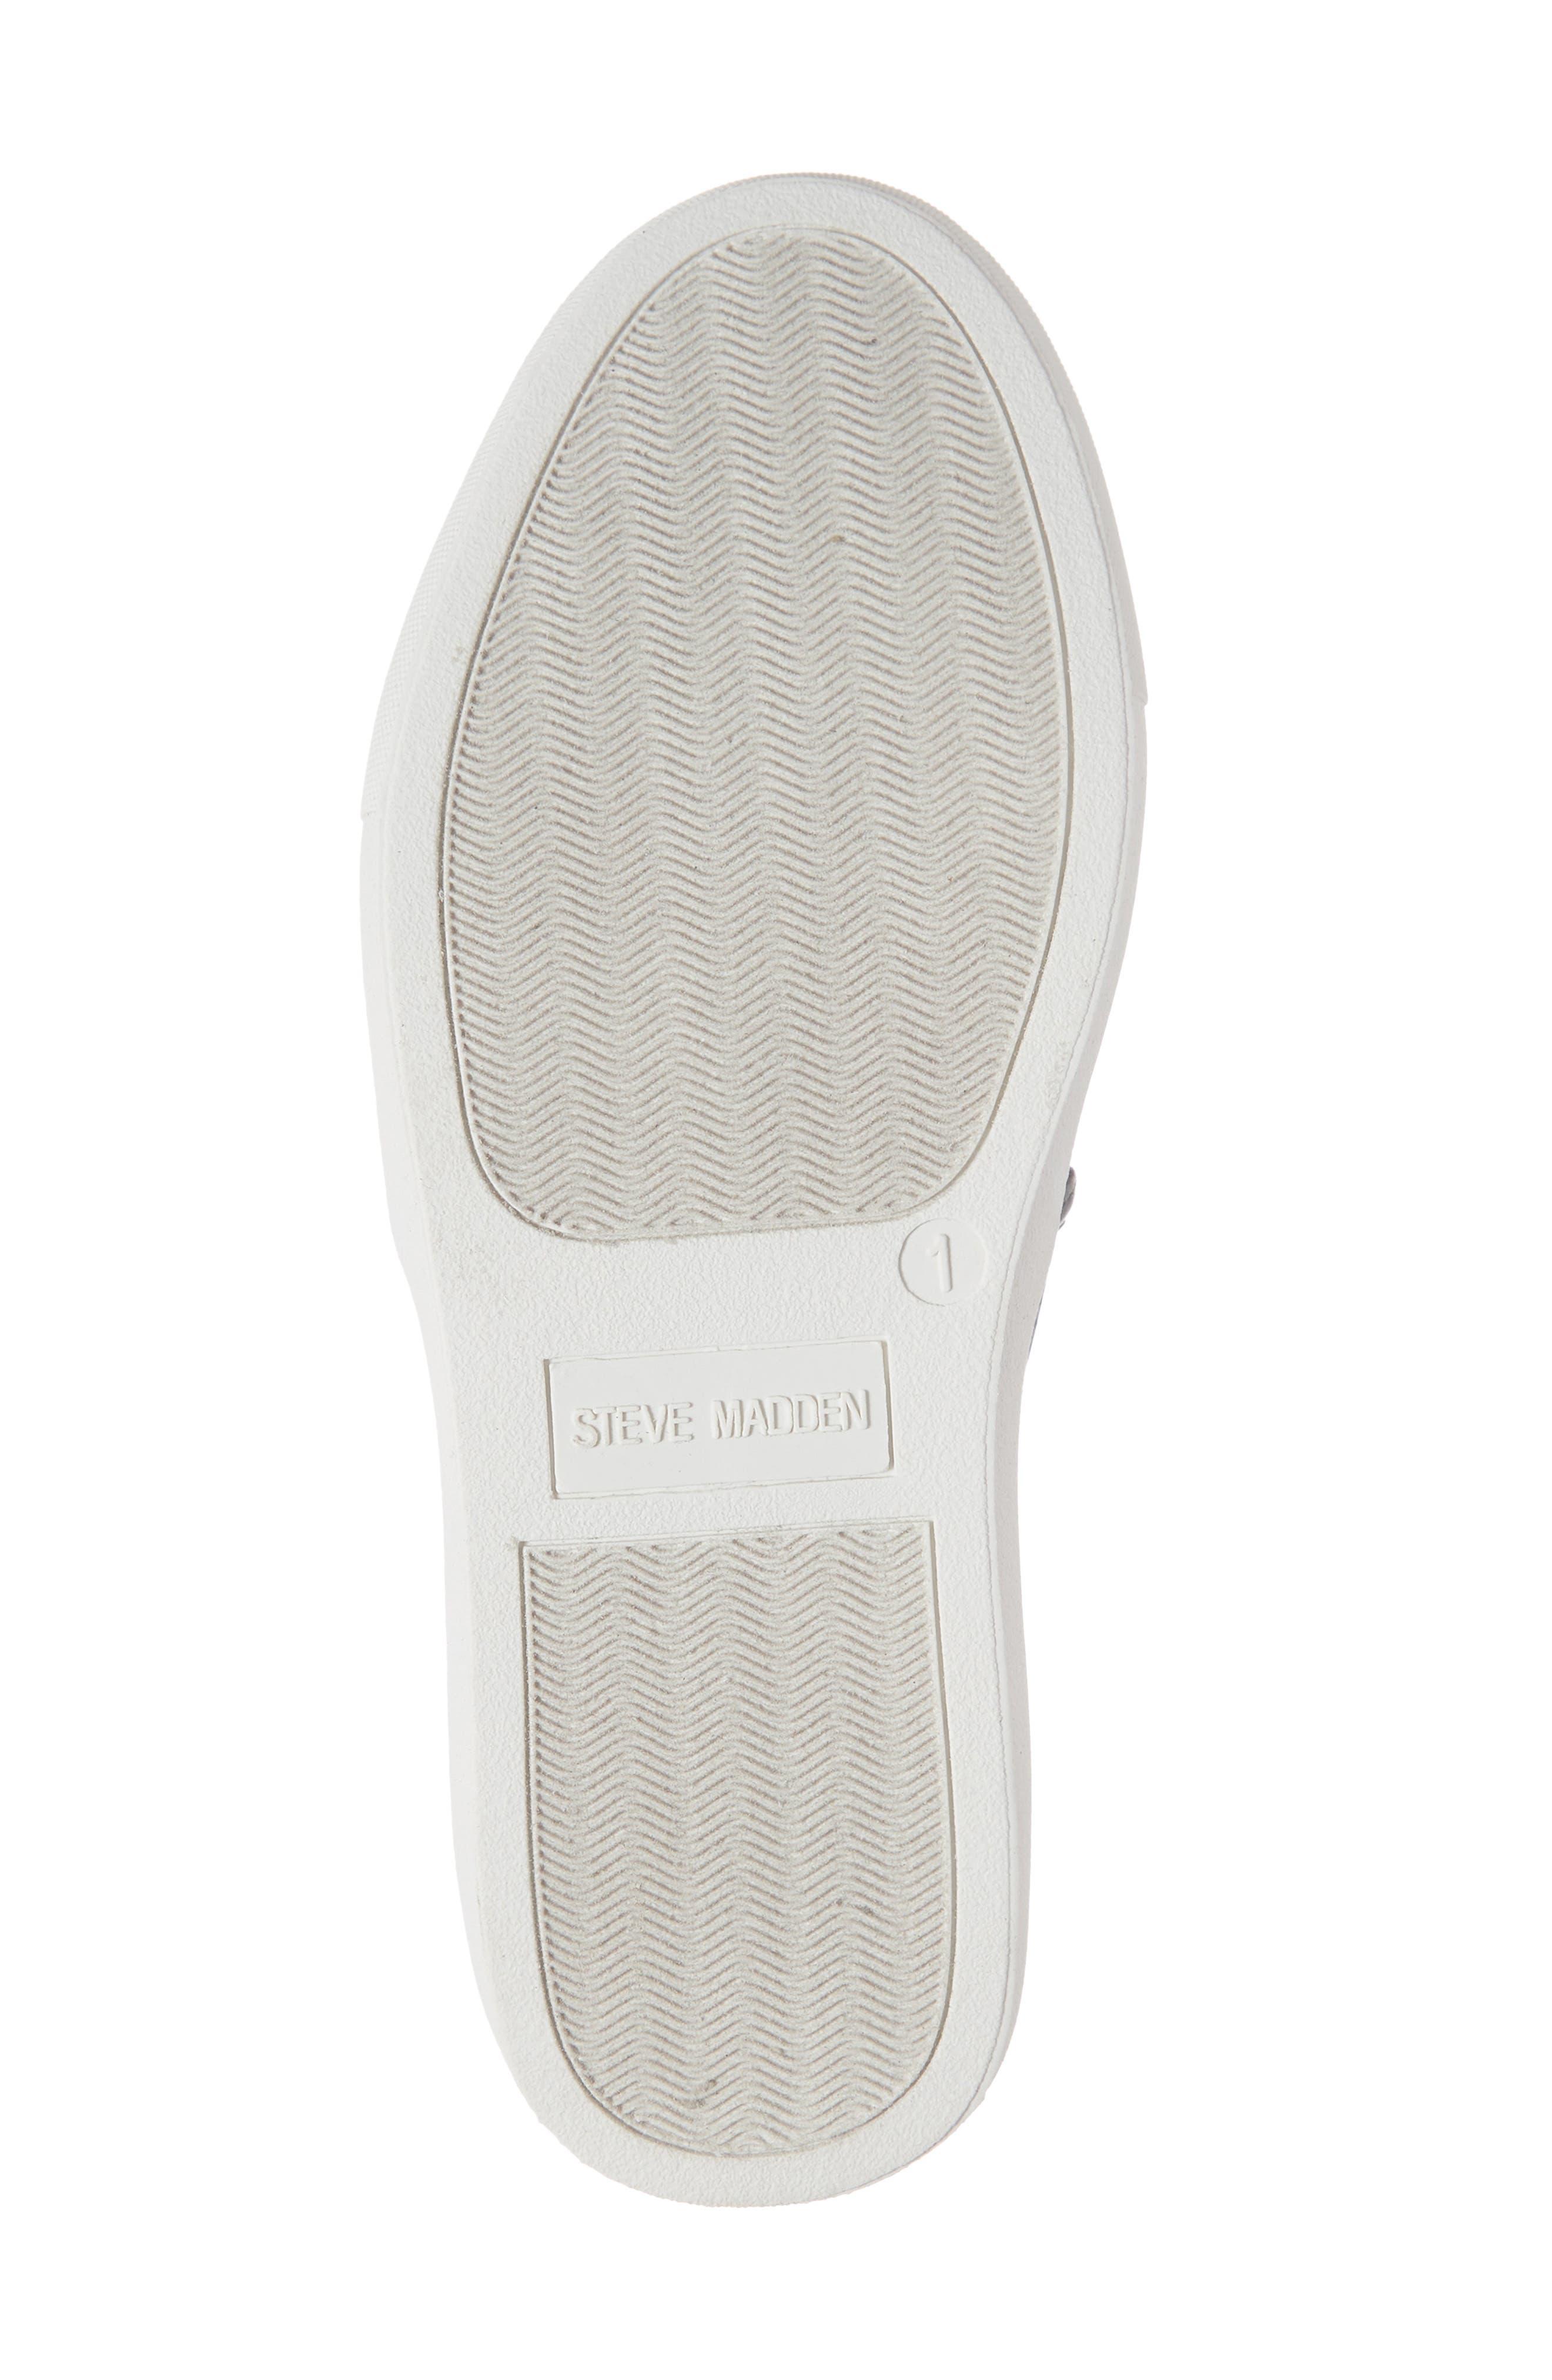 STEVE MADDEN, JPOWRFUL Embellished Slip-On Sneaker, Alternate thumbnail 6, color, BLACK MULTI